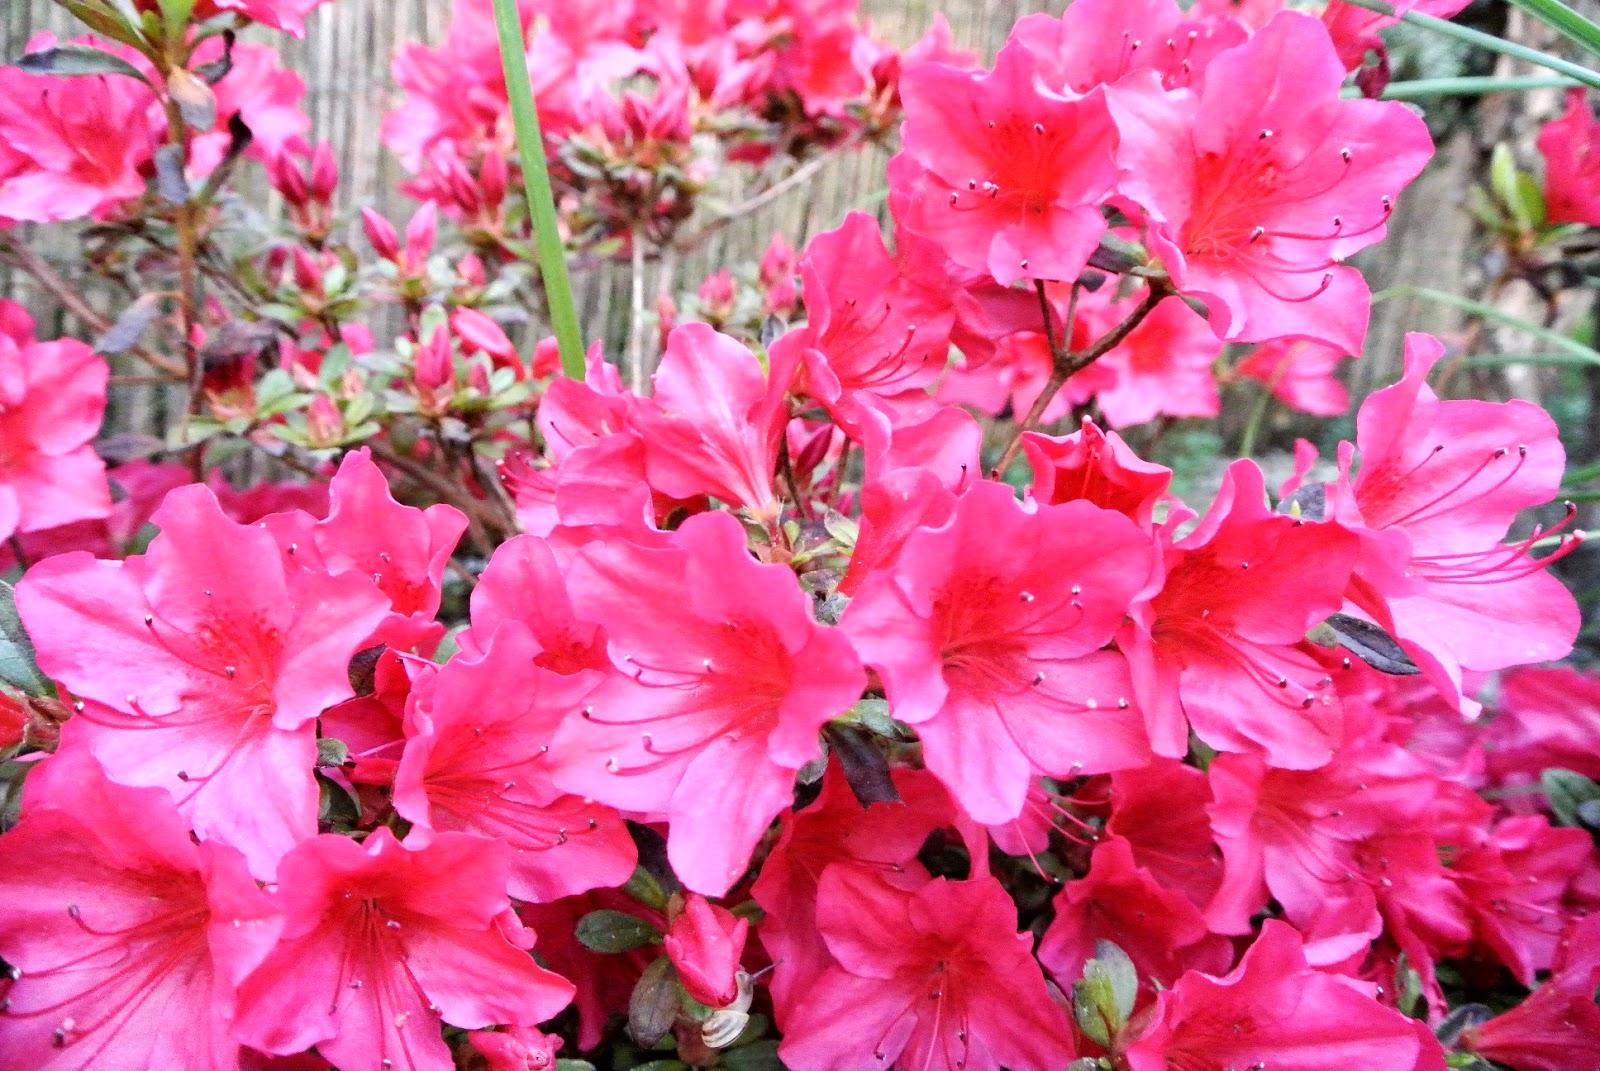 czerwona azalia,czerwony rodedendron,czerwony kwiaty,kwity w ogródku,jakie kwiaty do ogrodu